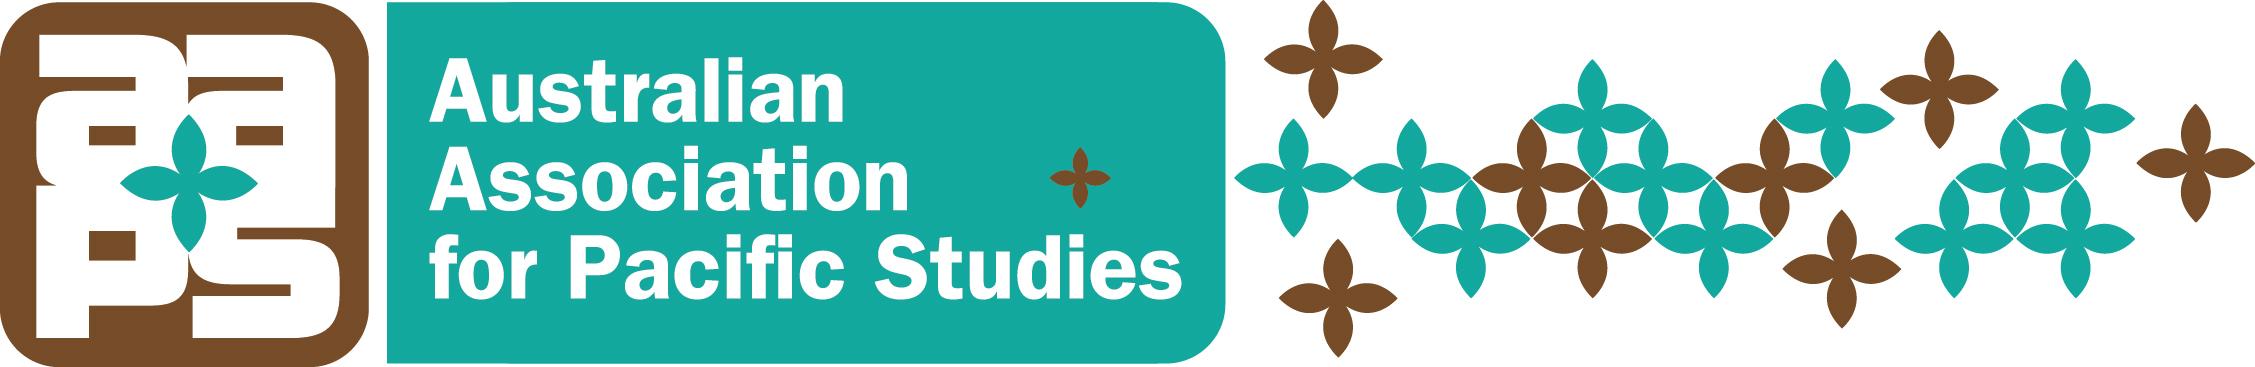 AAPS_Logo_Horizontal